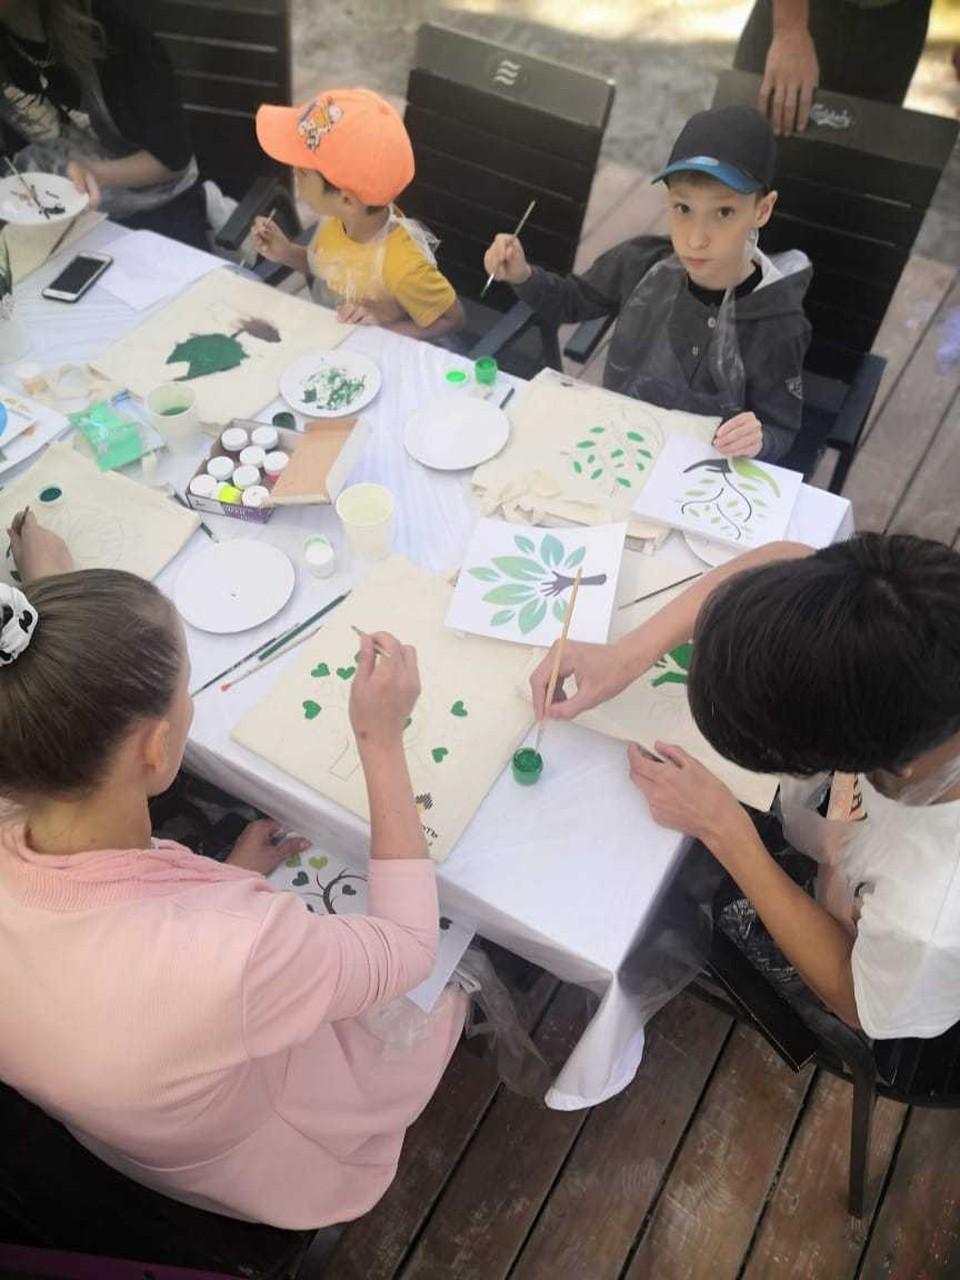 Юные тюменцы разрисовали экосумки, чтобы спасти планету от пластика. Фото - АО «Тюменнефтегаз».